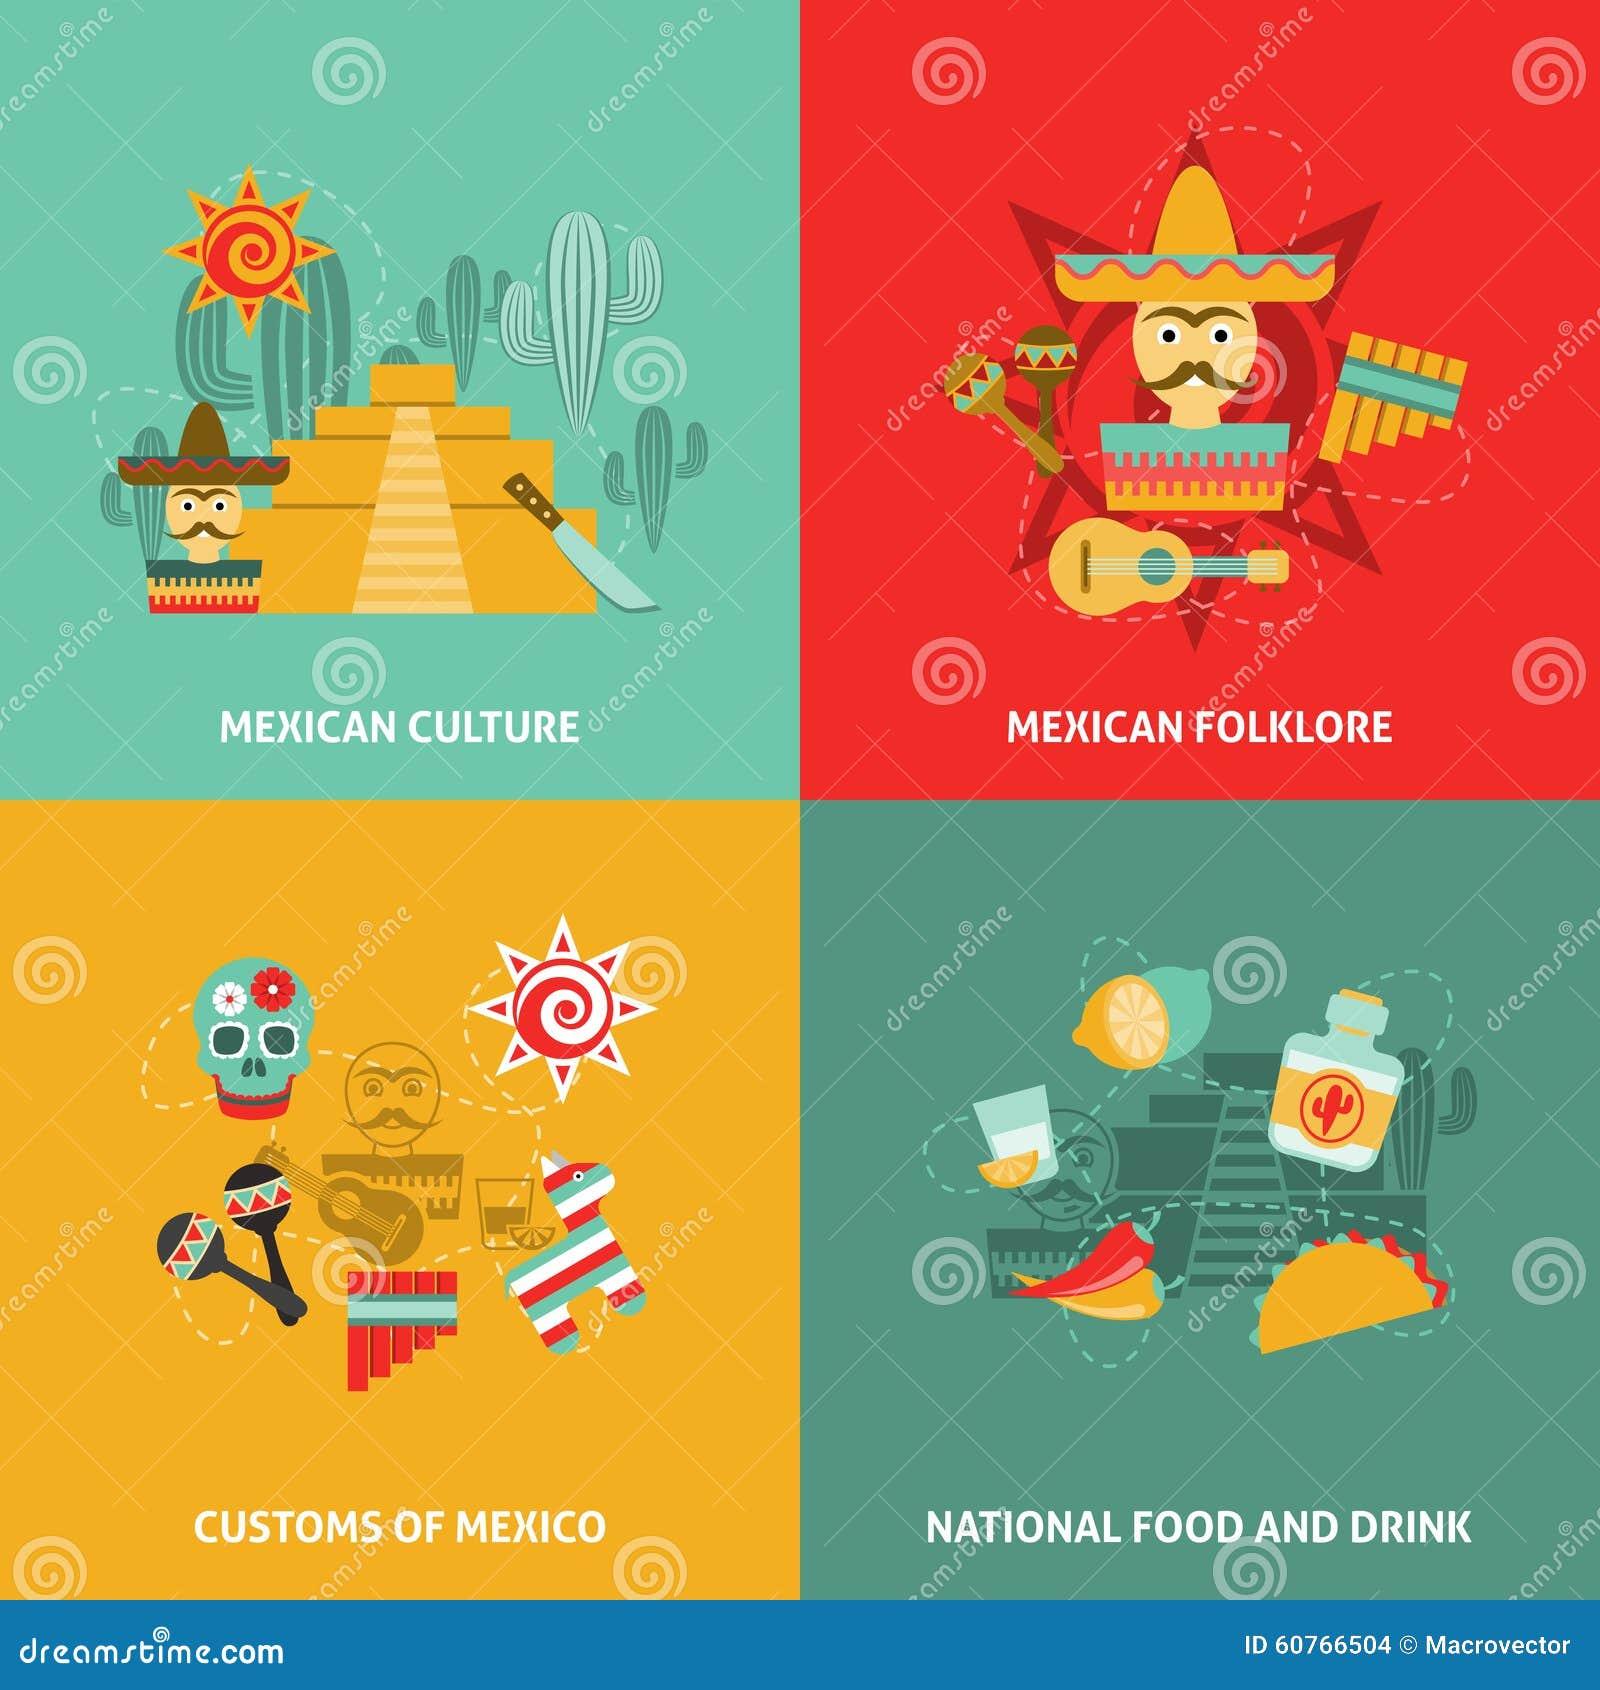 Mexican Culture Symbols Flat Icons Set Vector Illustration